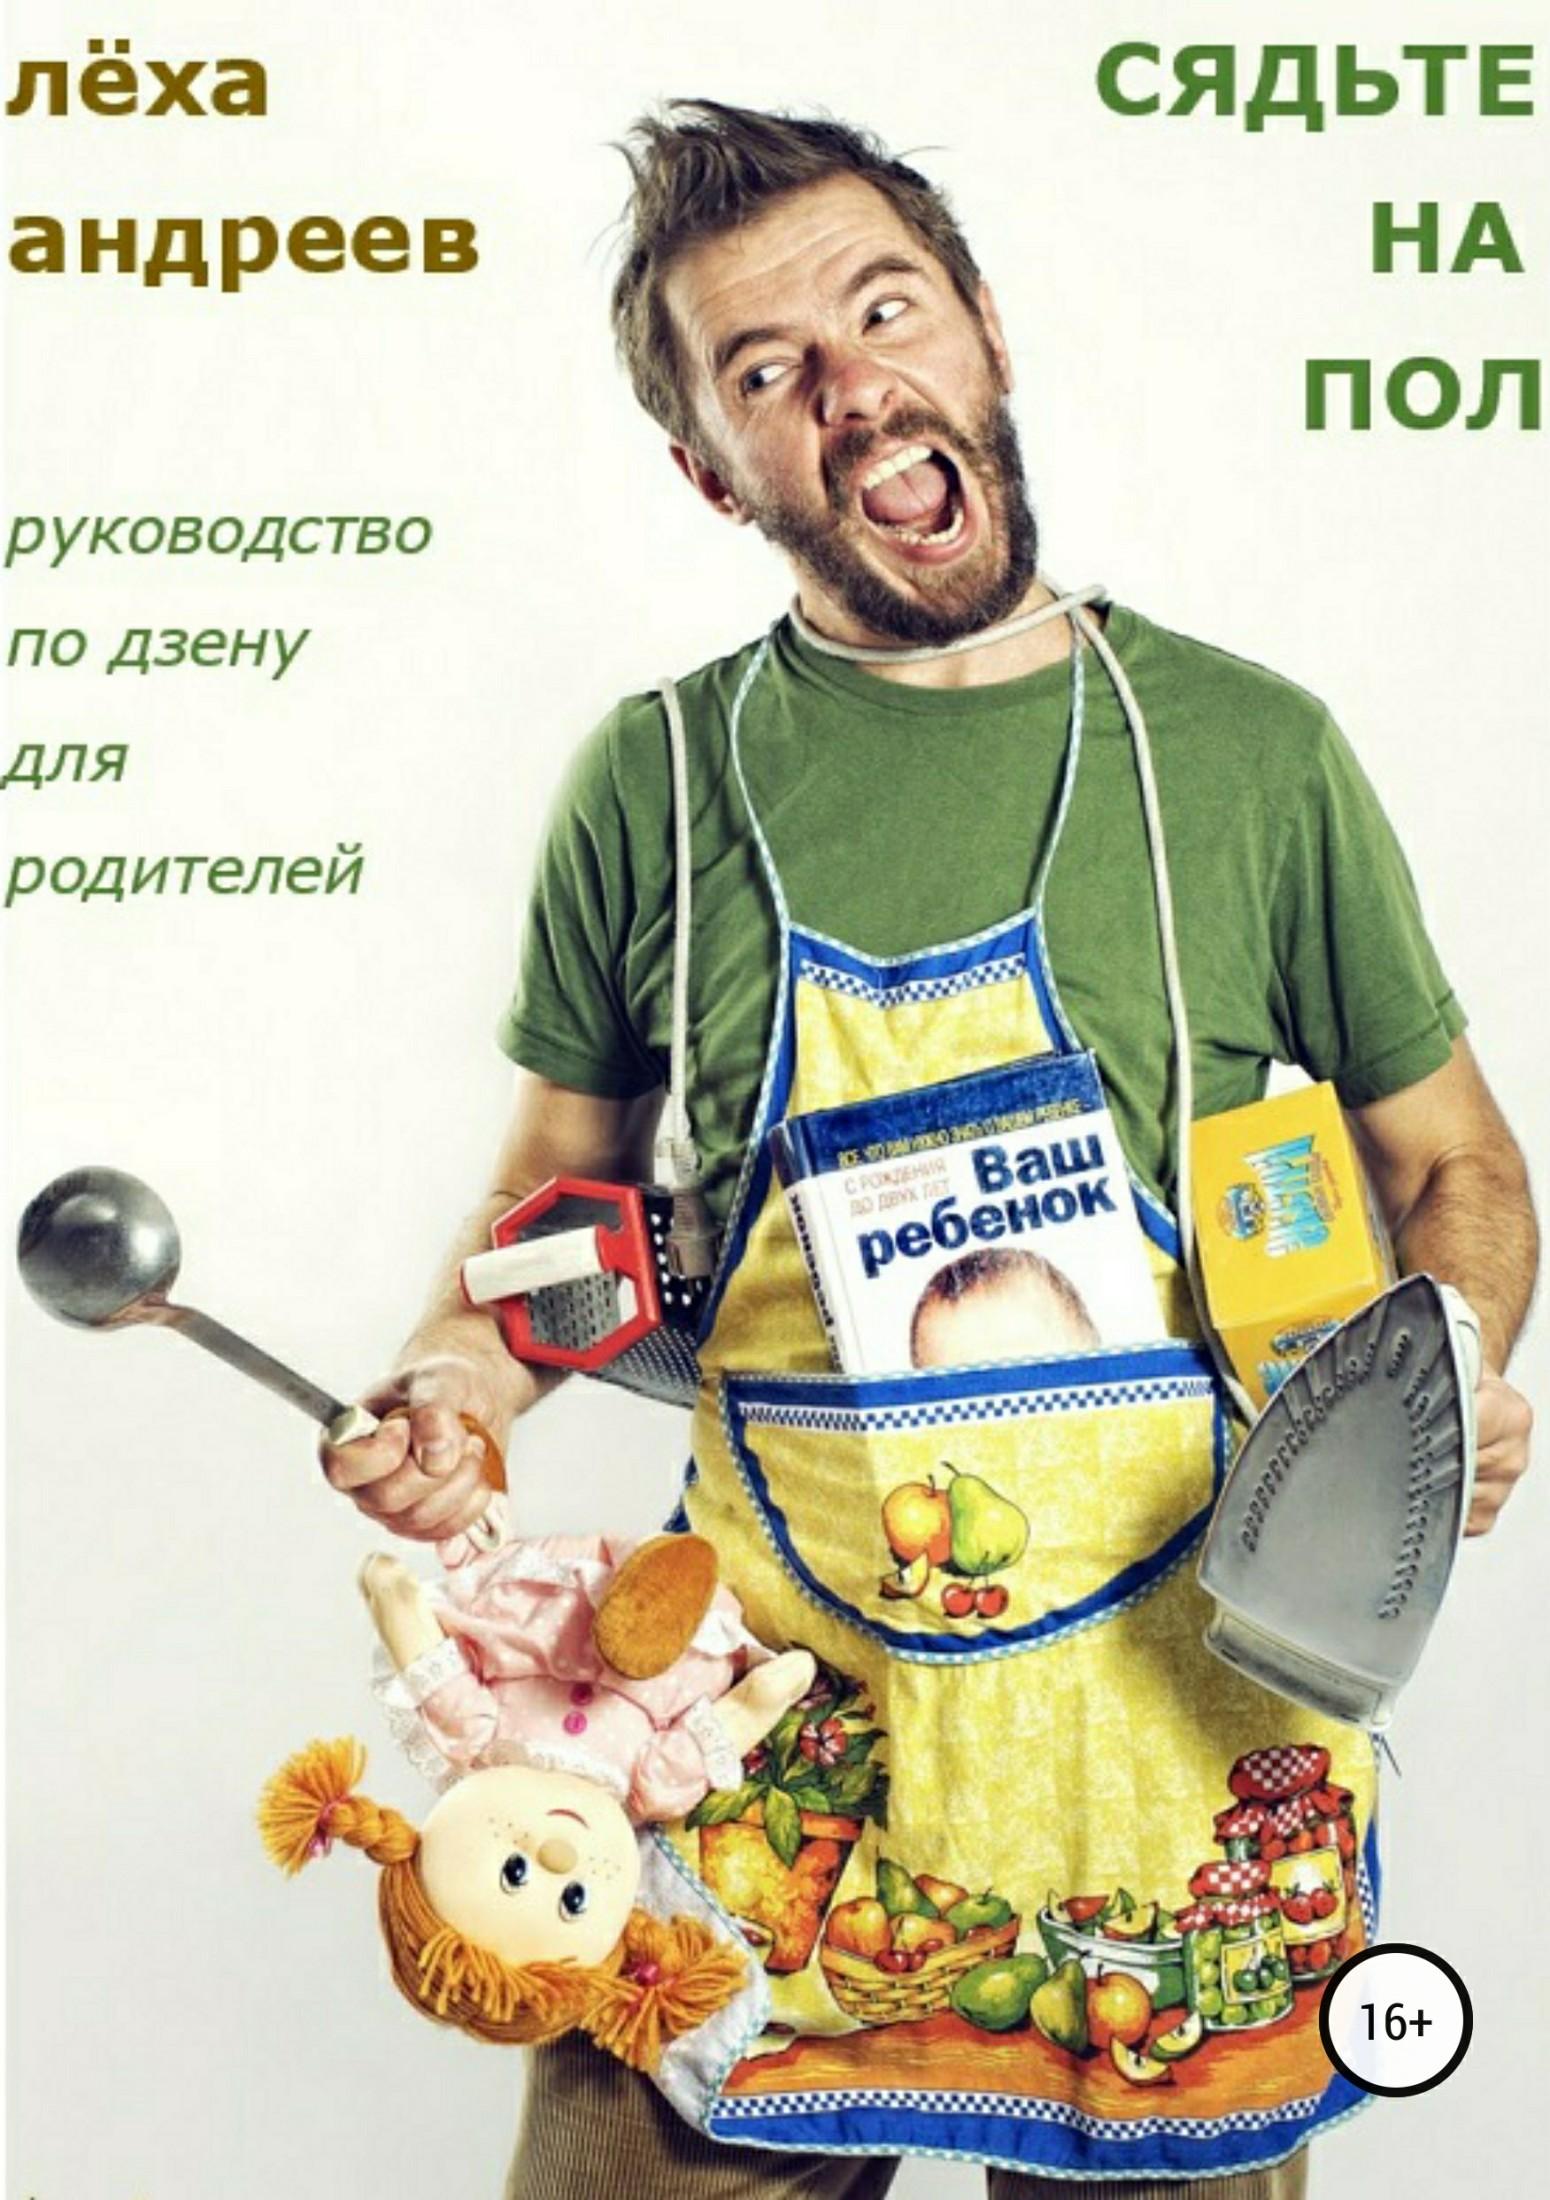 Лёха Андреев Сядьте на пол. Руководство по дзену для родителей игрушки для детей